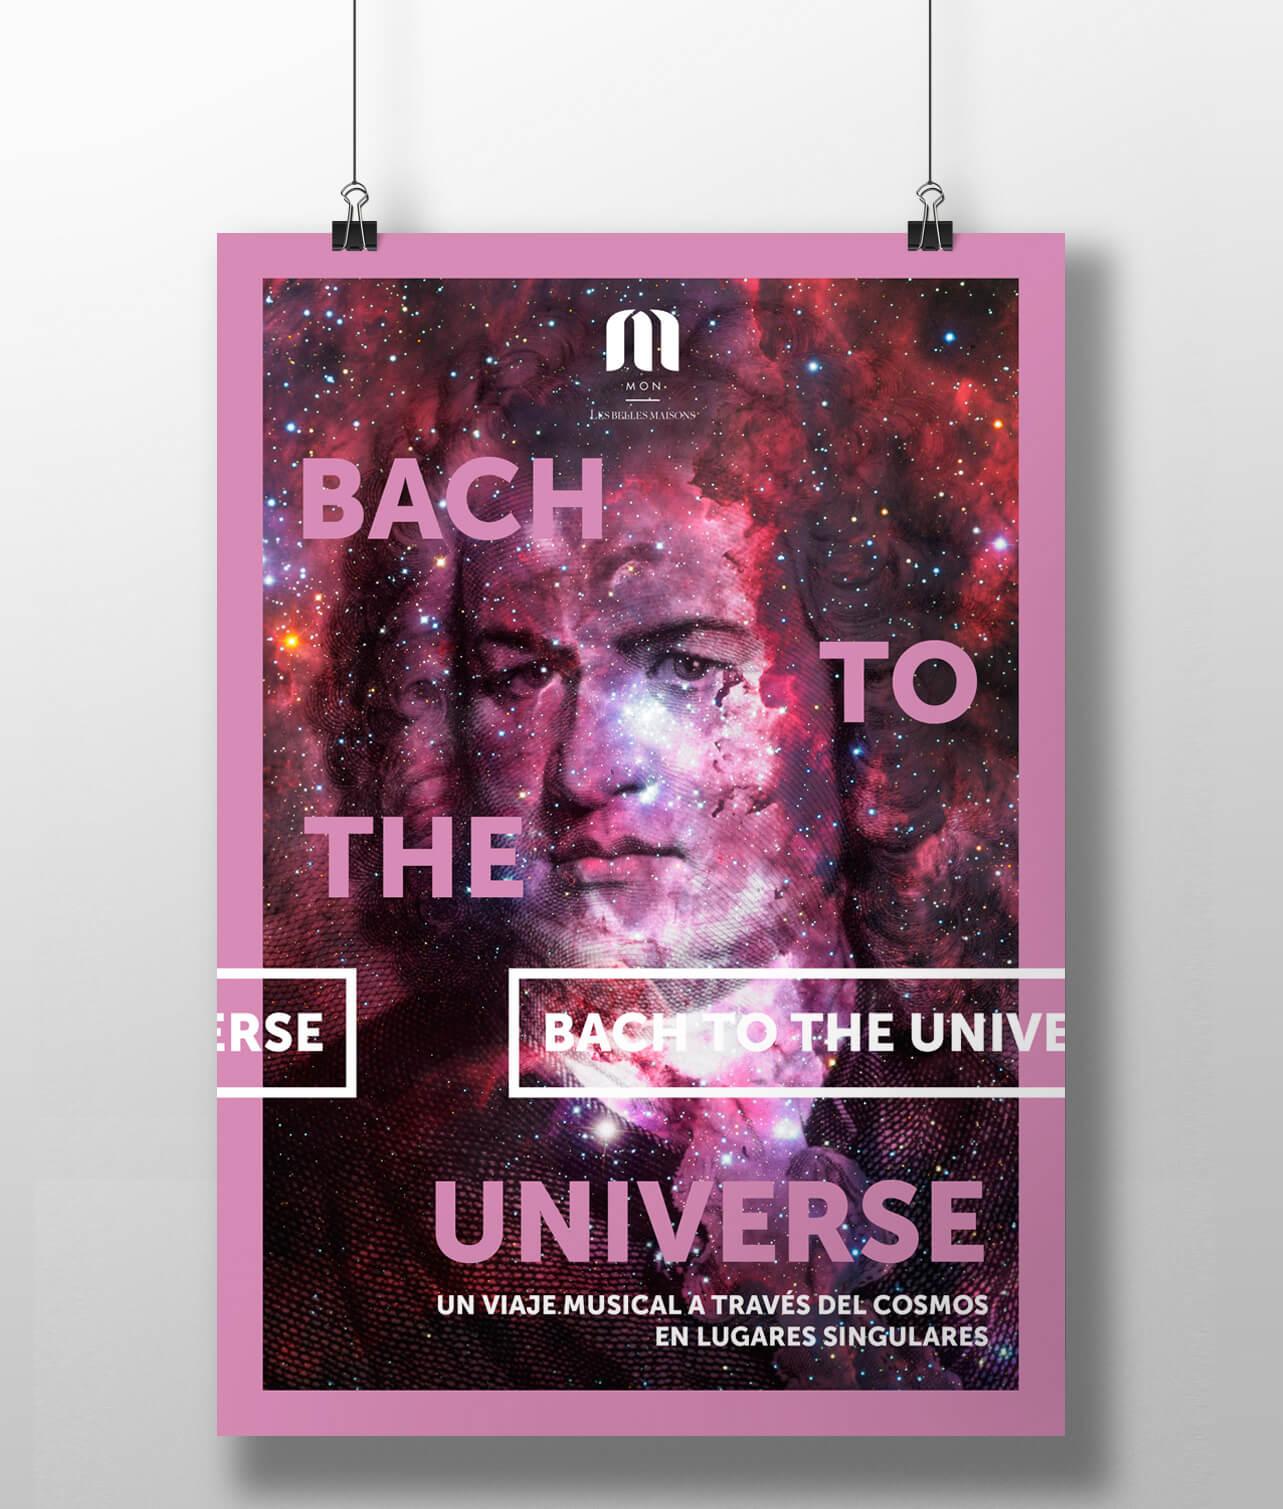 Fotografía de cartel de la campaña para Bach to the universe